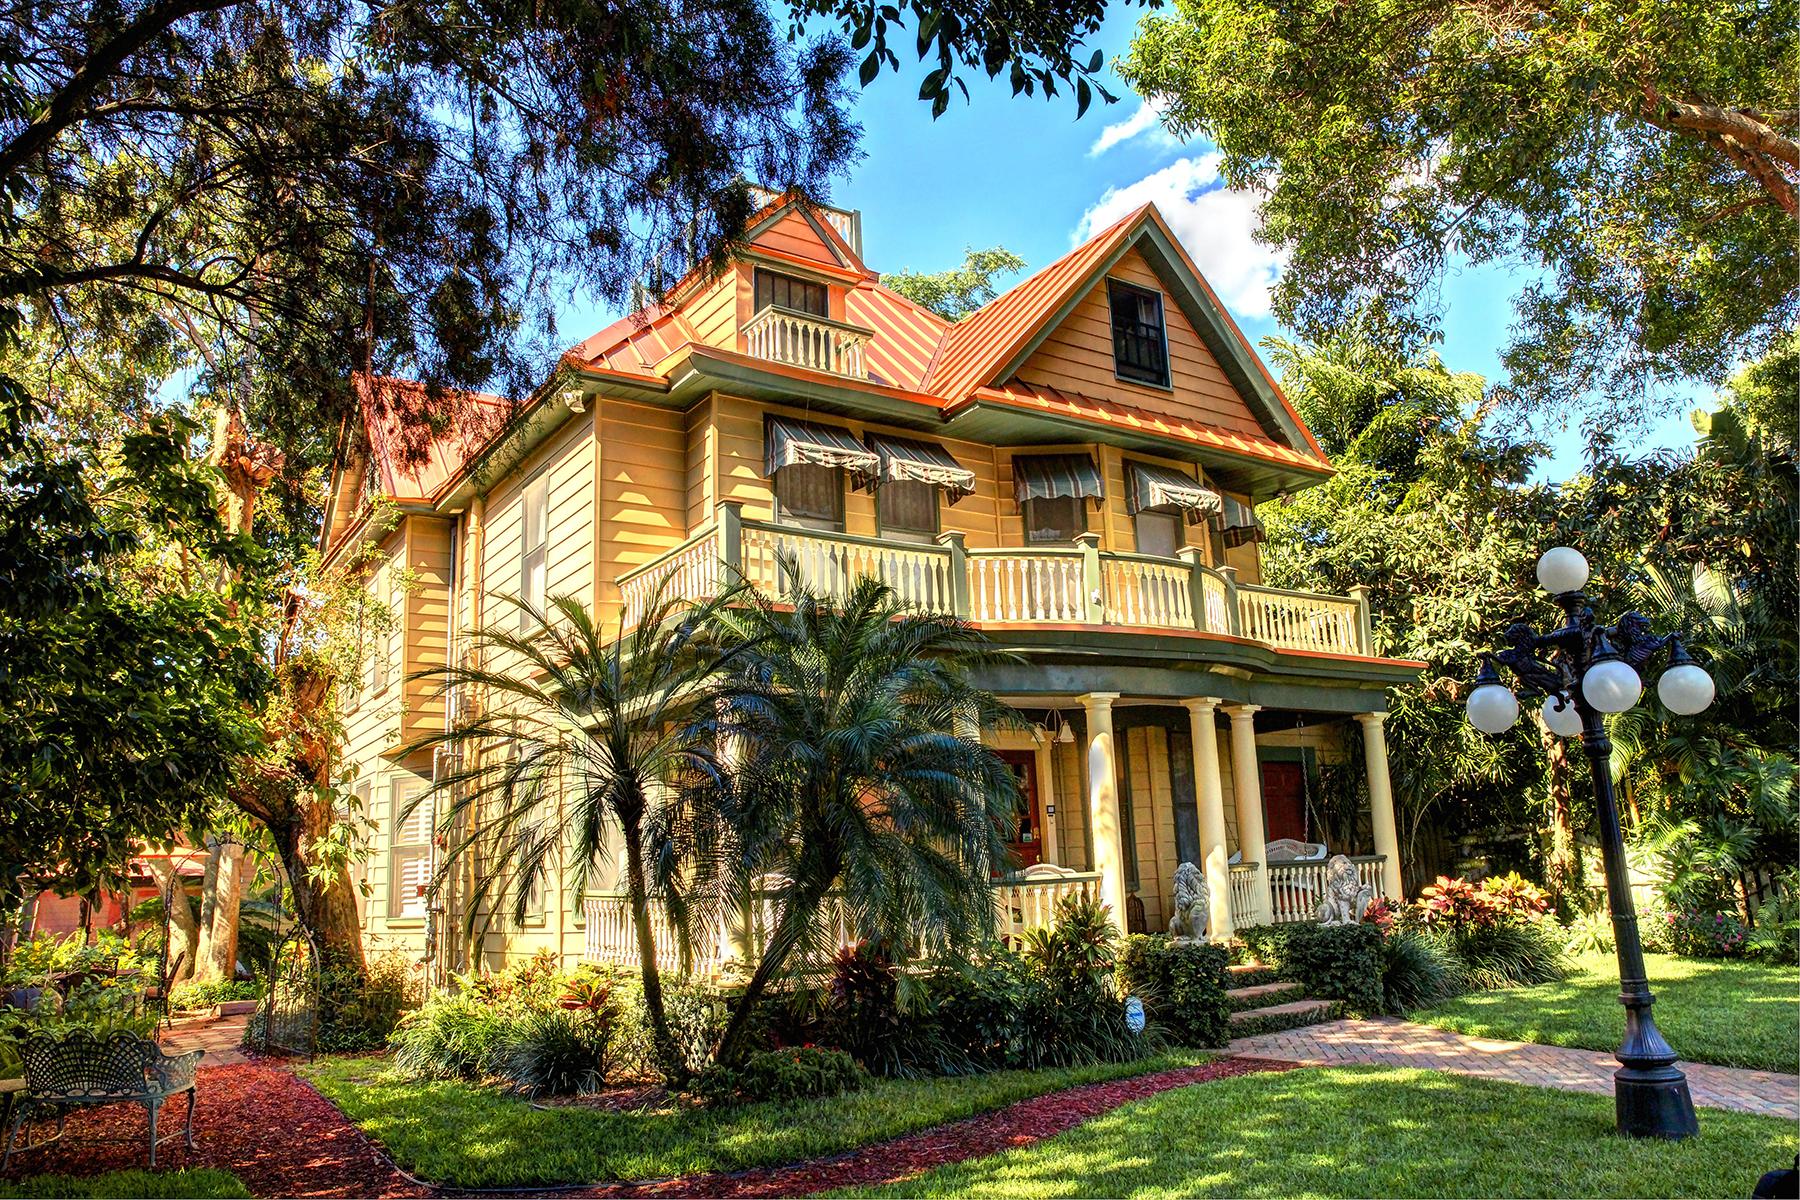 一戸建て のために 売買 アット OLD NORTHEAST 237 6th Ave NE St. Petersburg, フロリダ 33701 アメリカ合衆国